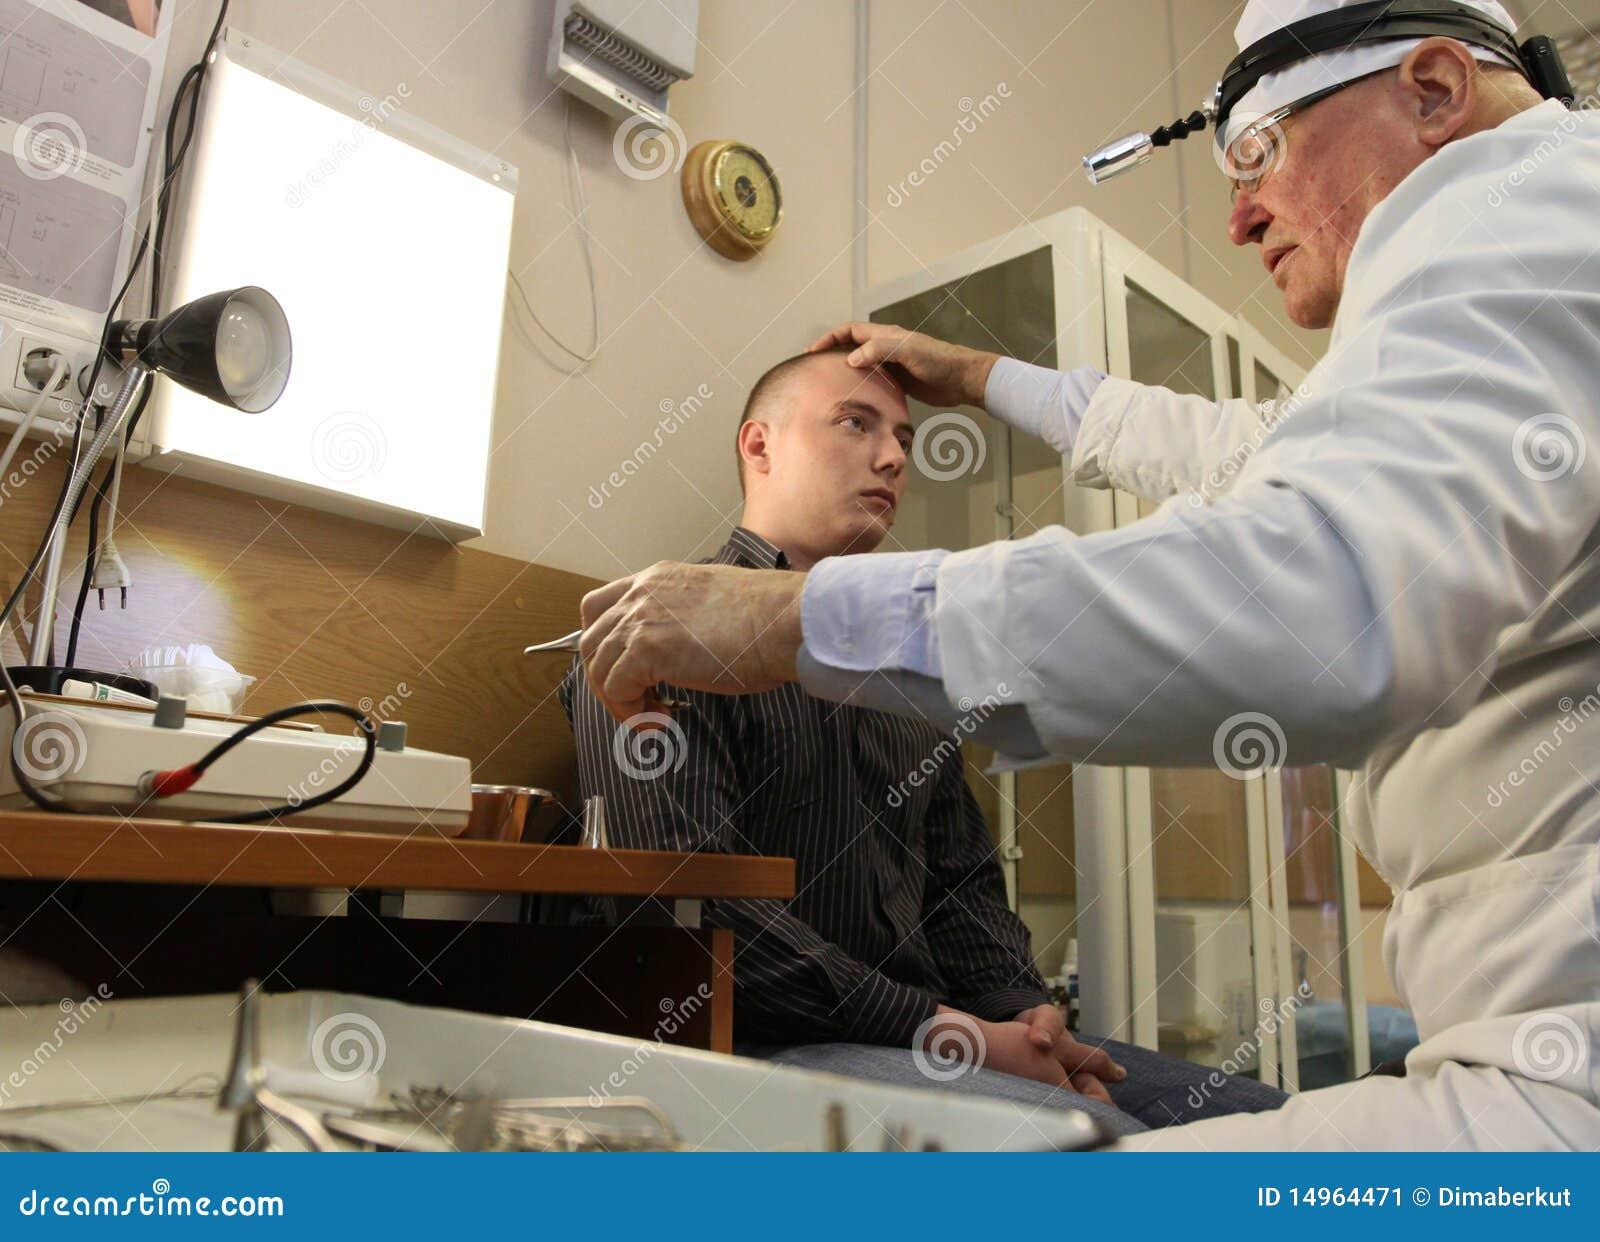 Ärztliche Untersuchung in der Verstärkungmitte